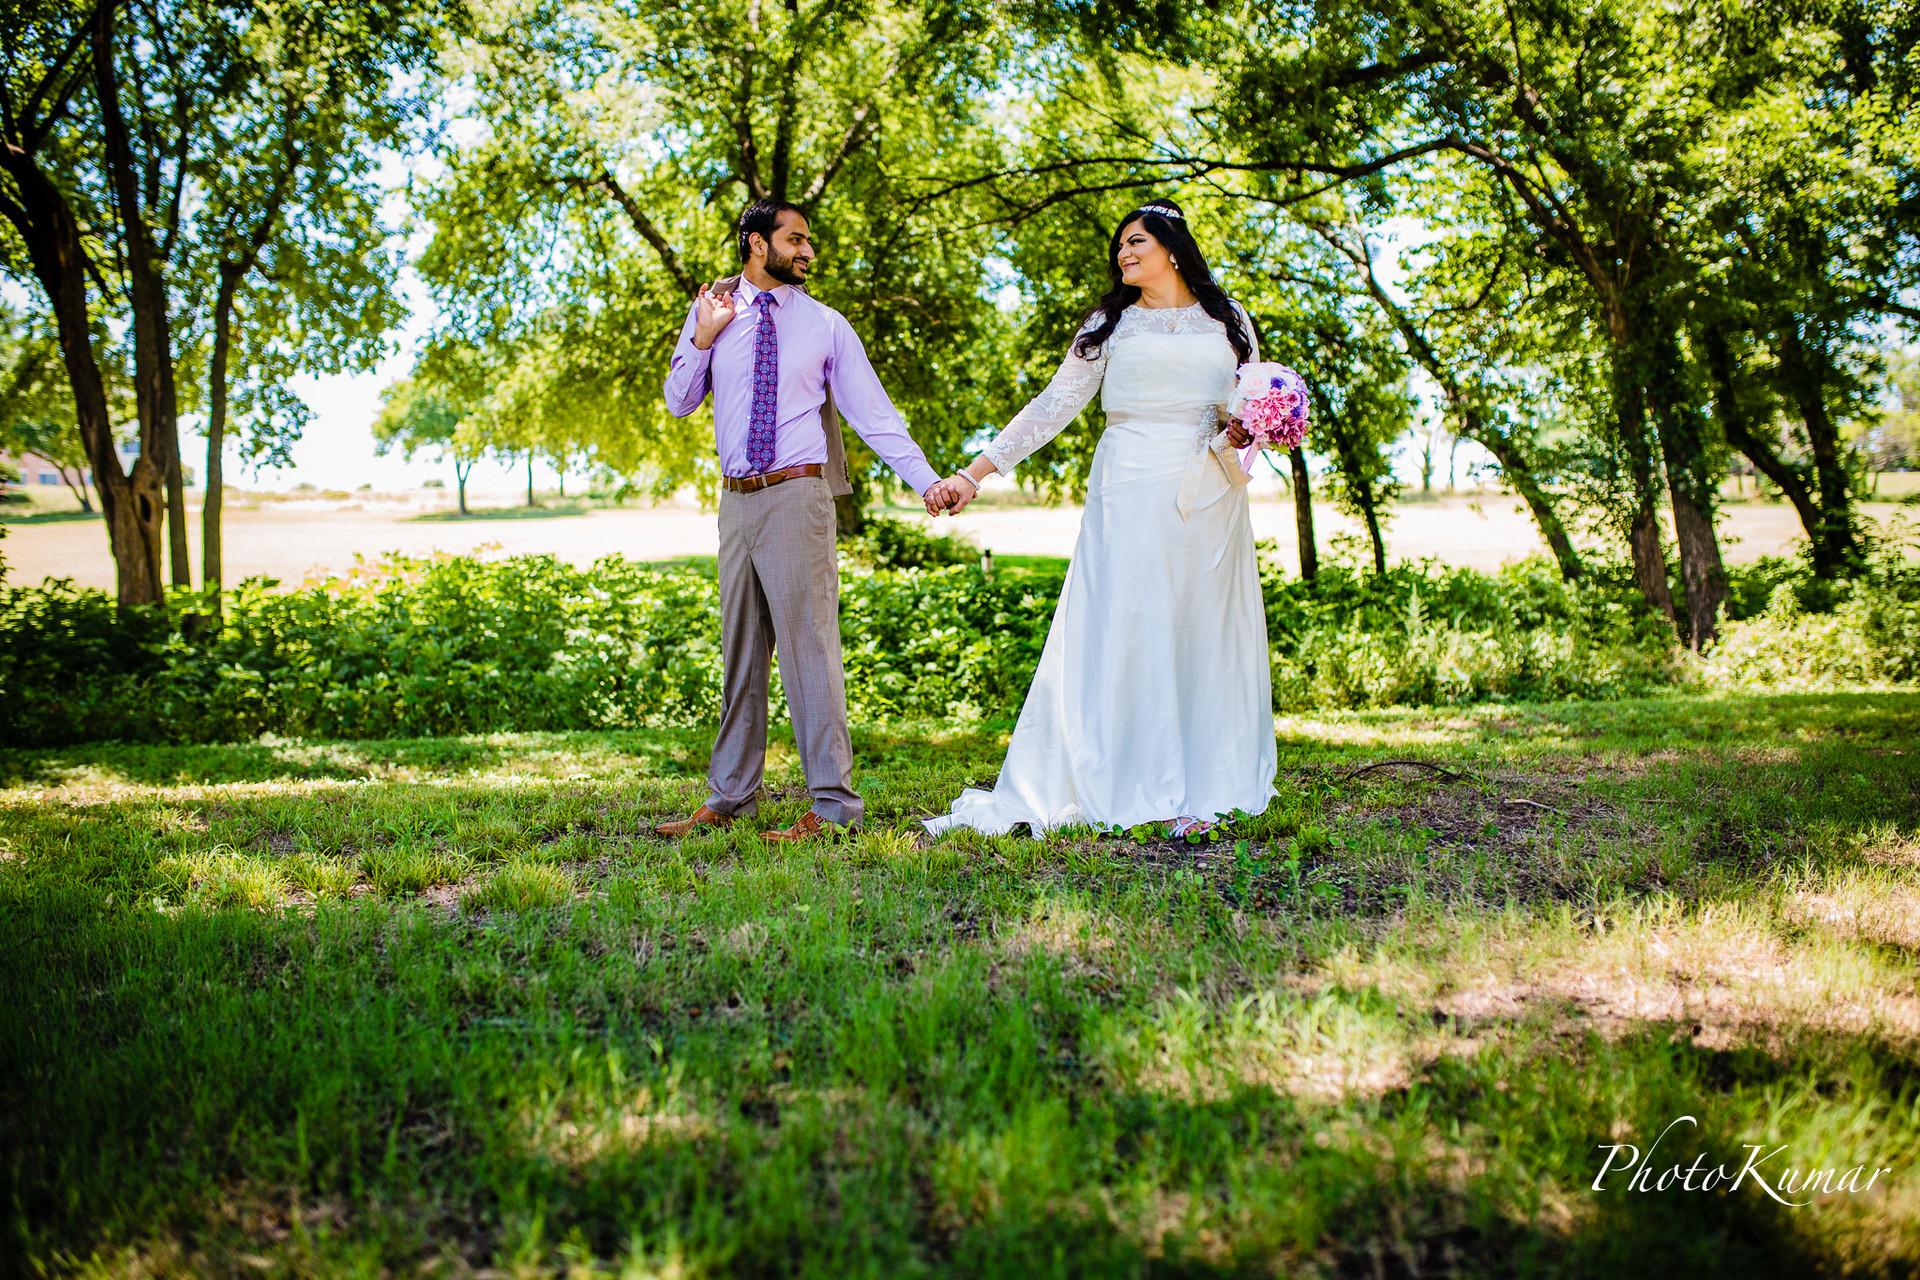 PhotoKumar-Anna and Riyaz-41.jpg